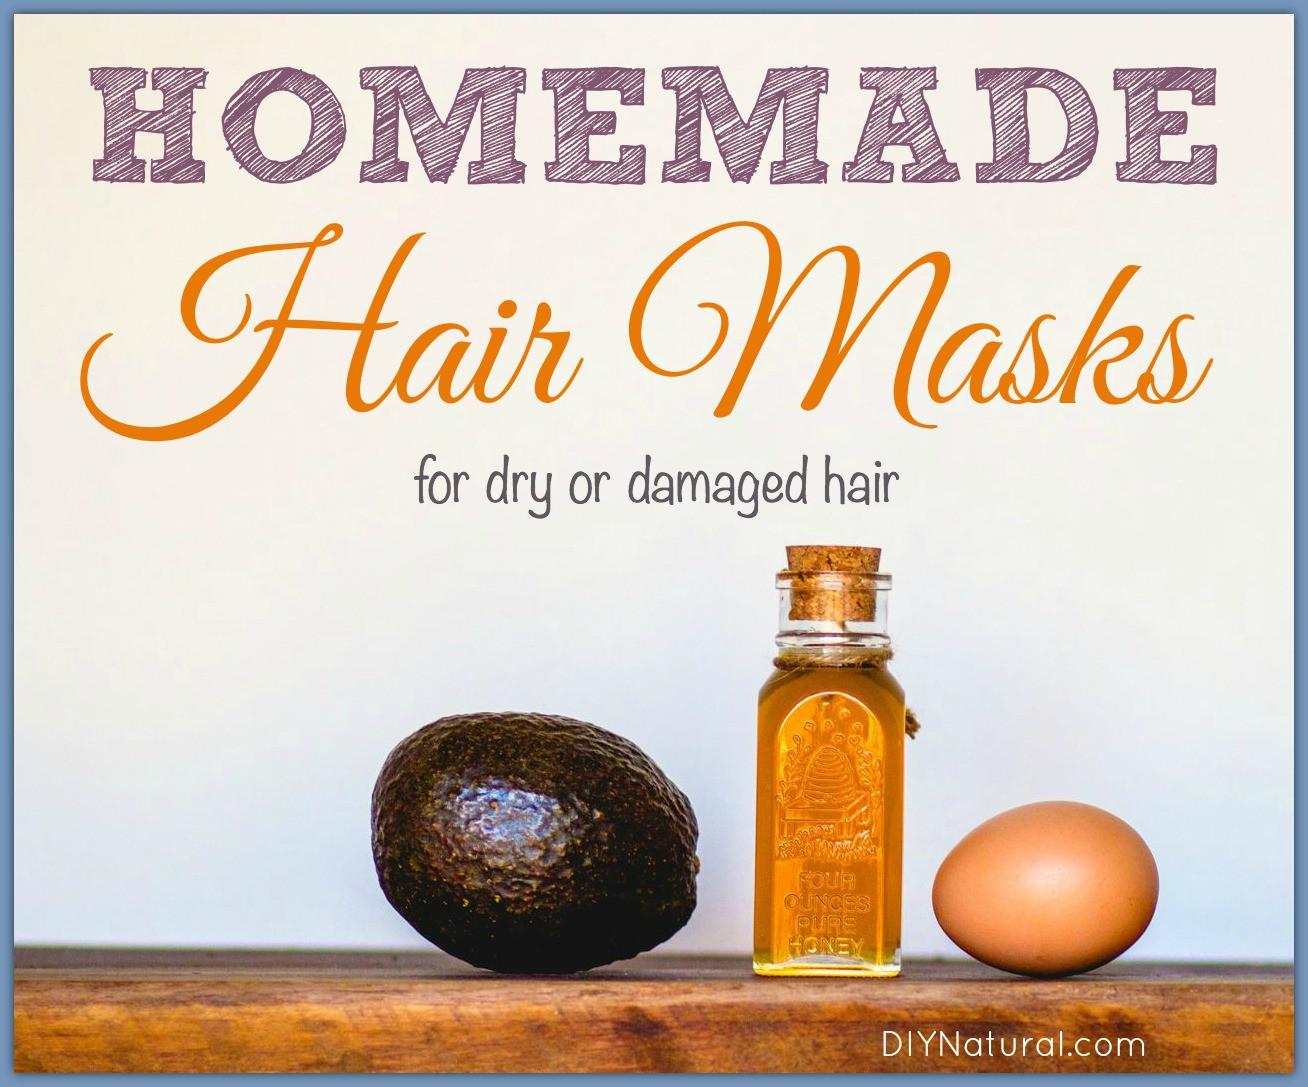 Hair Masks For Damaged Hair DIY  Homemade Hair Masks for Dry or Damaged Hair